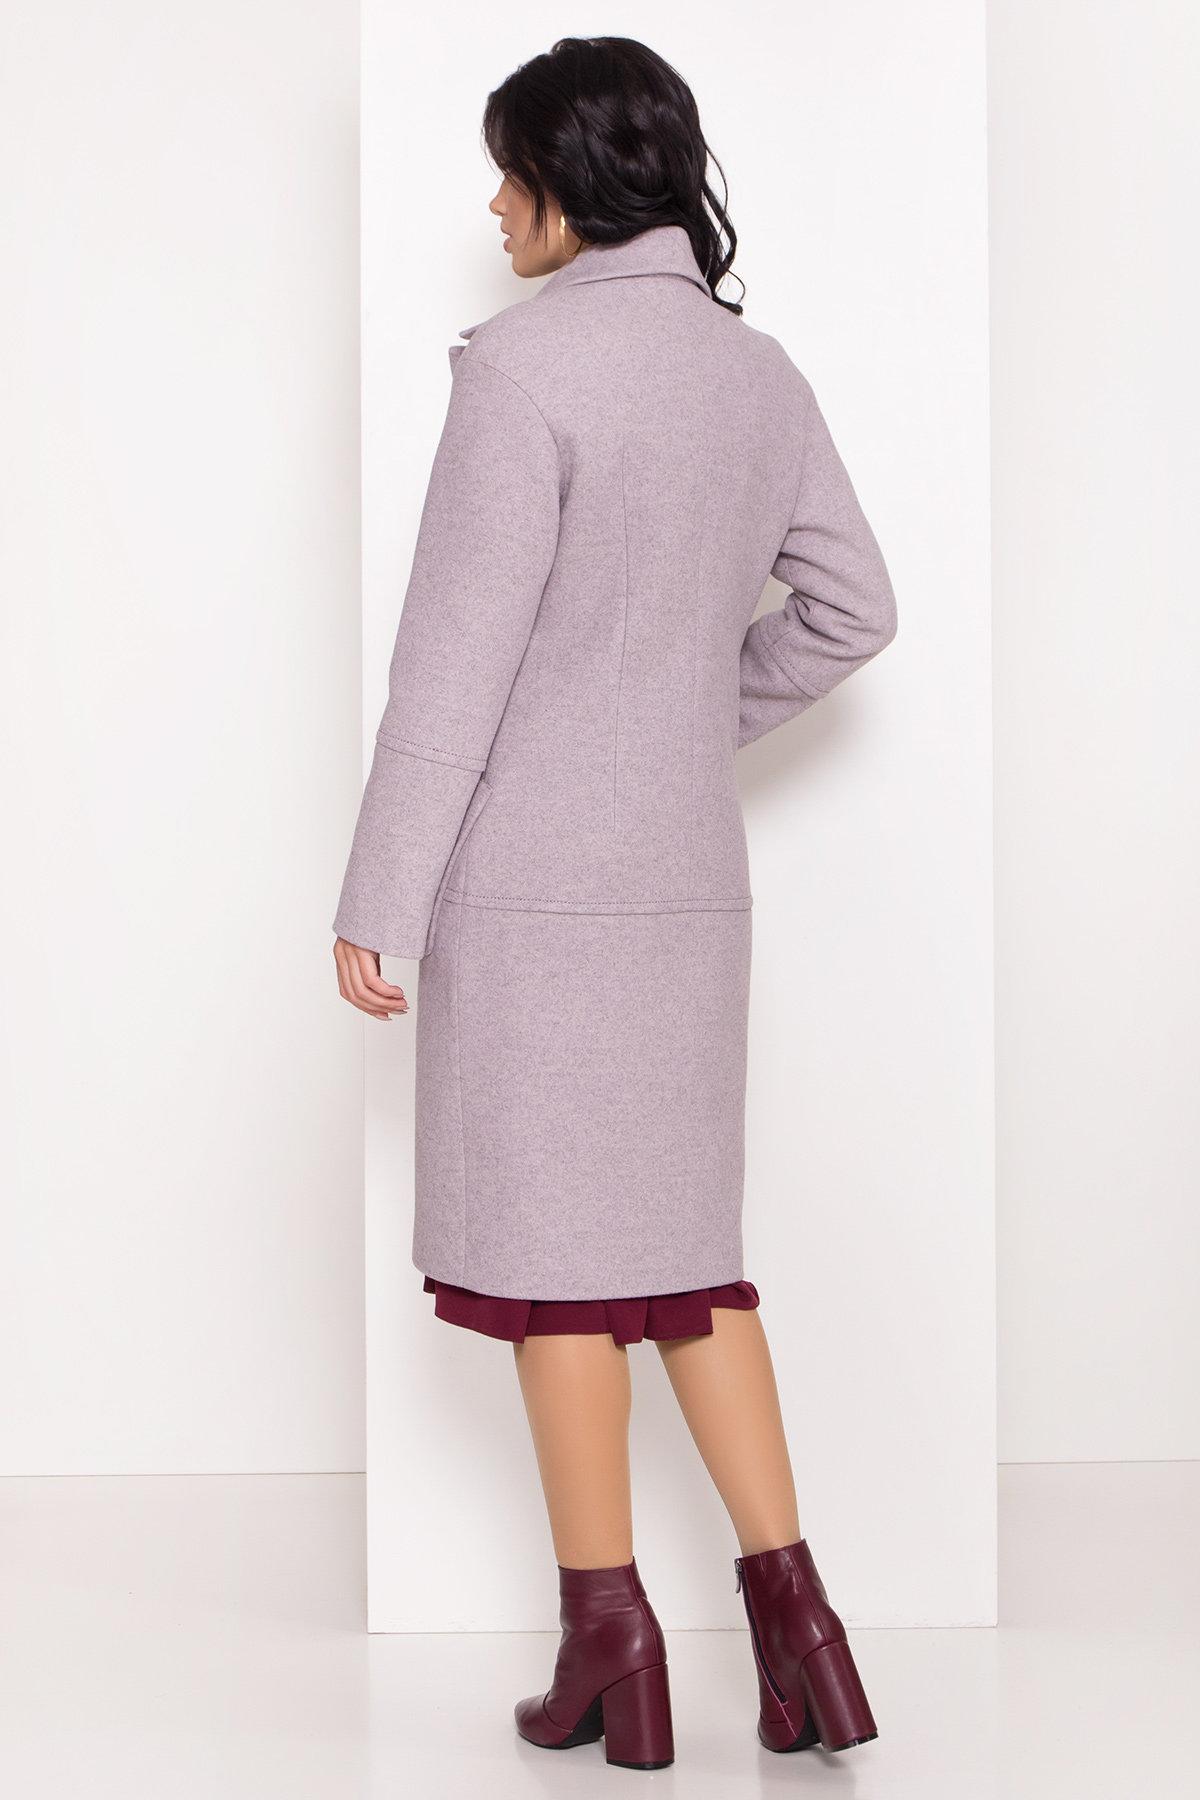 Элегантное зимнее пальто миди длины с накладными карманами Флорида 8138 АРТ. 44094 Цвет: Серо-розовый 46 - фото 4, интернет магазин tm-modus.ru